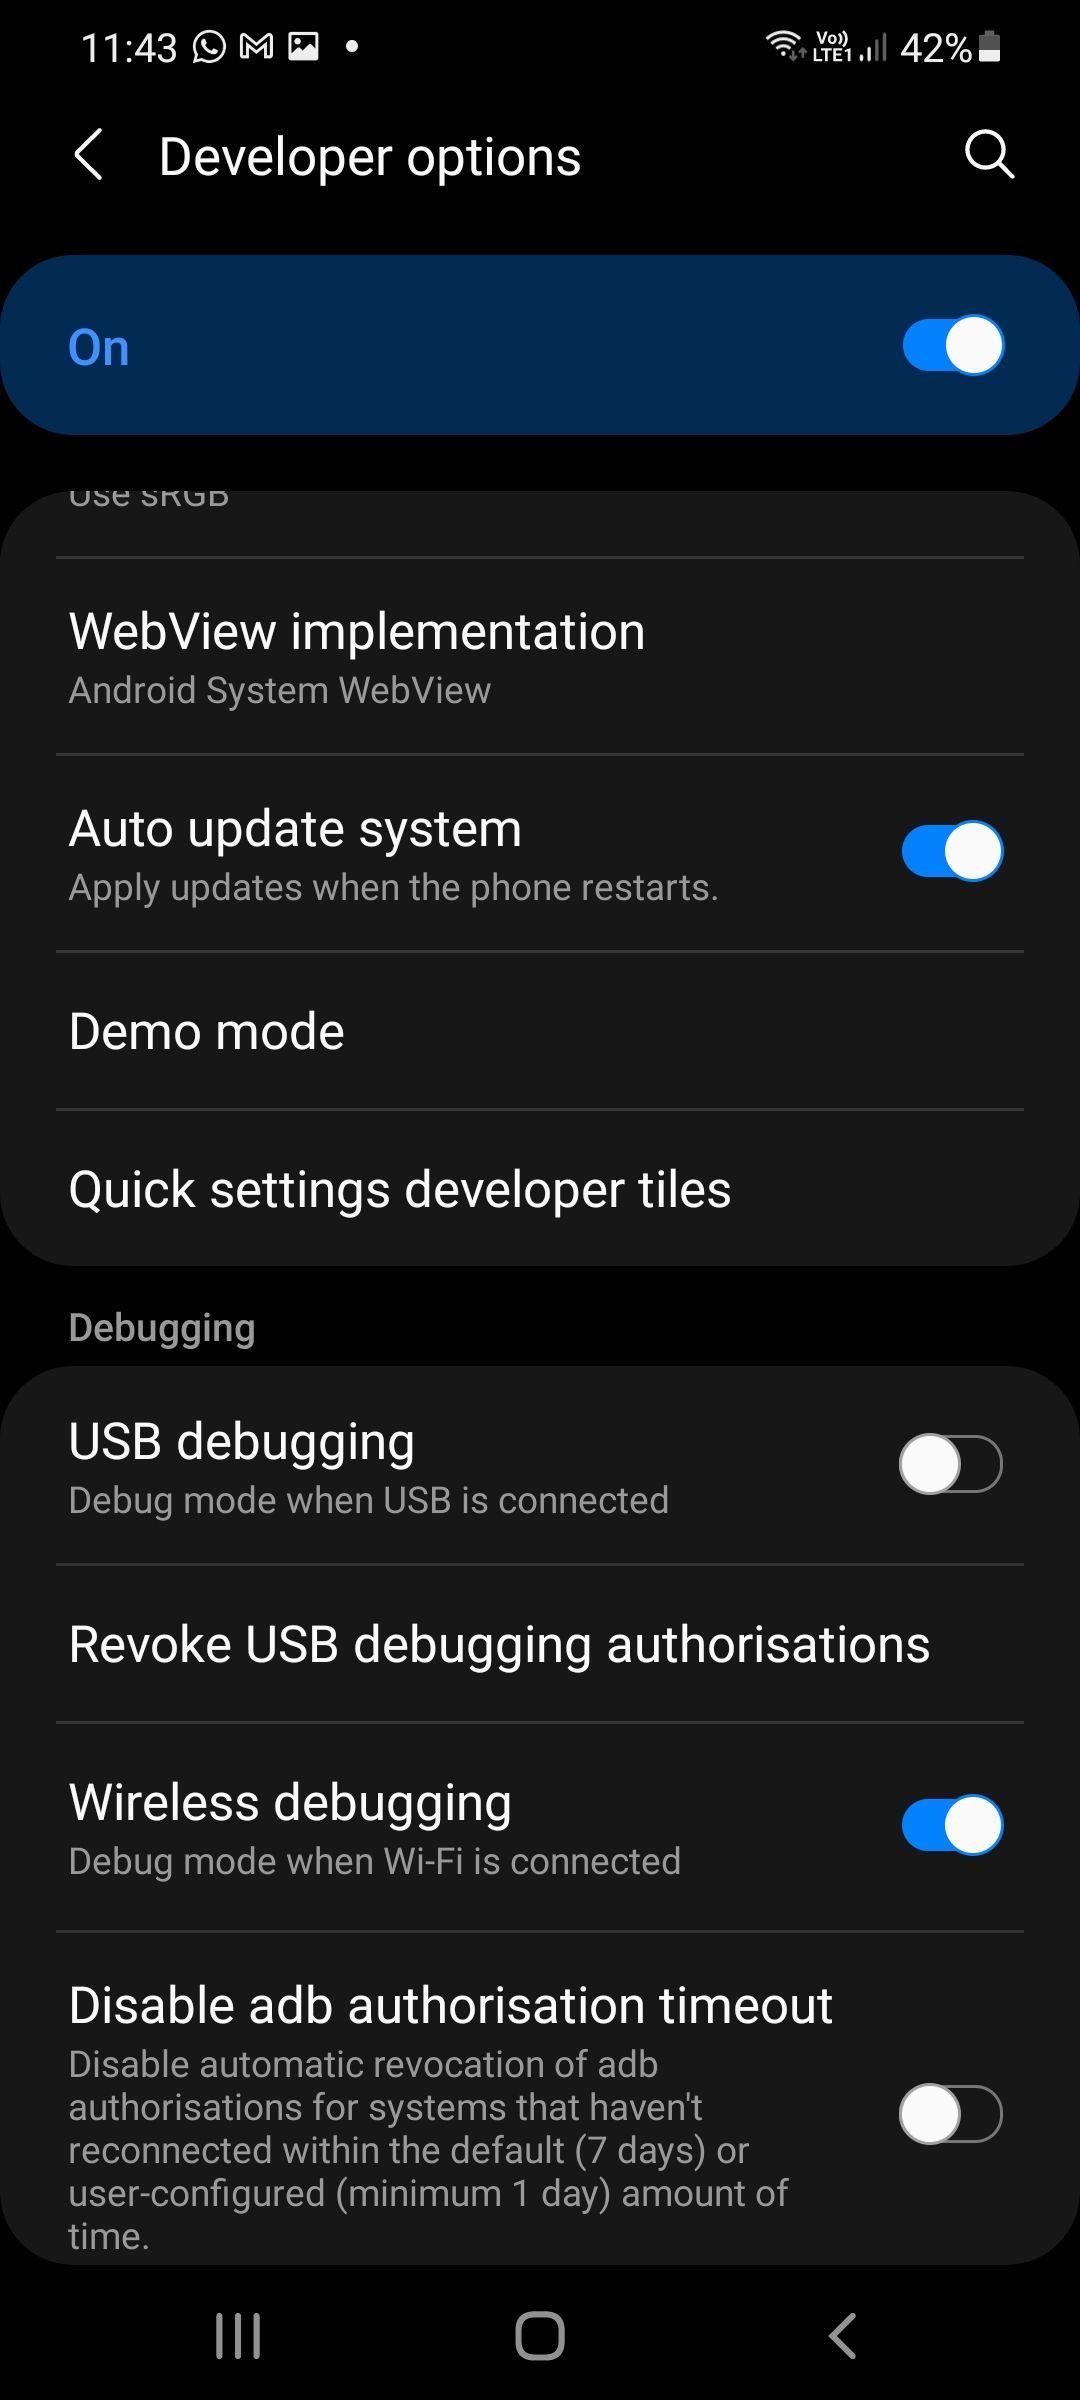 WirelessDebuggingSetting